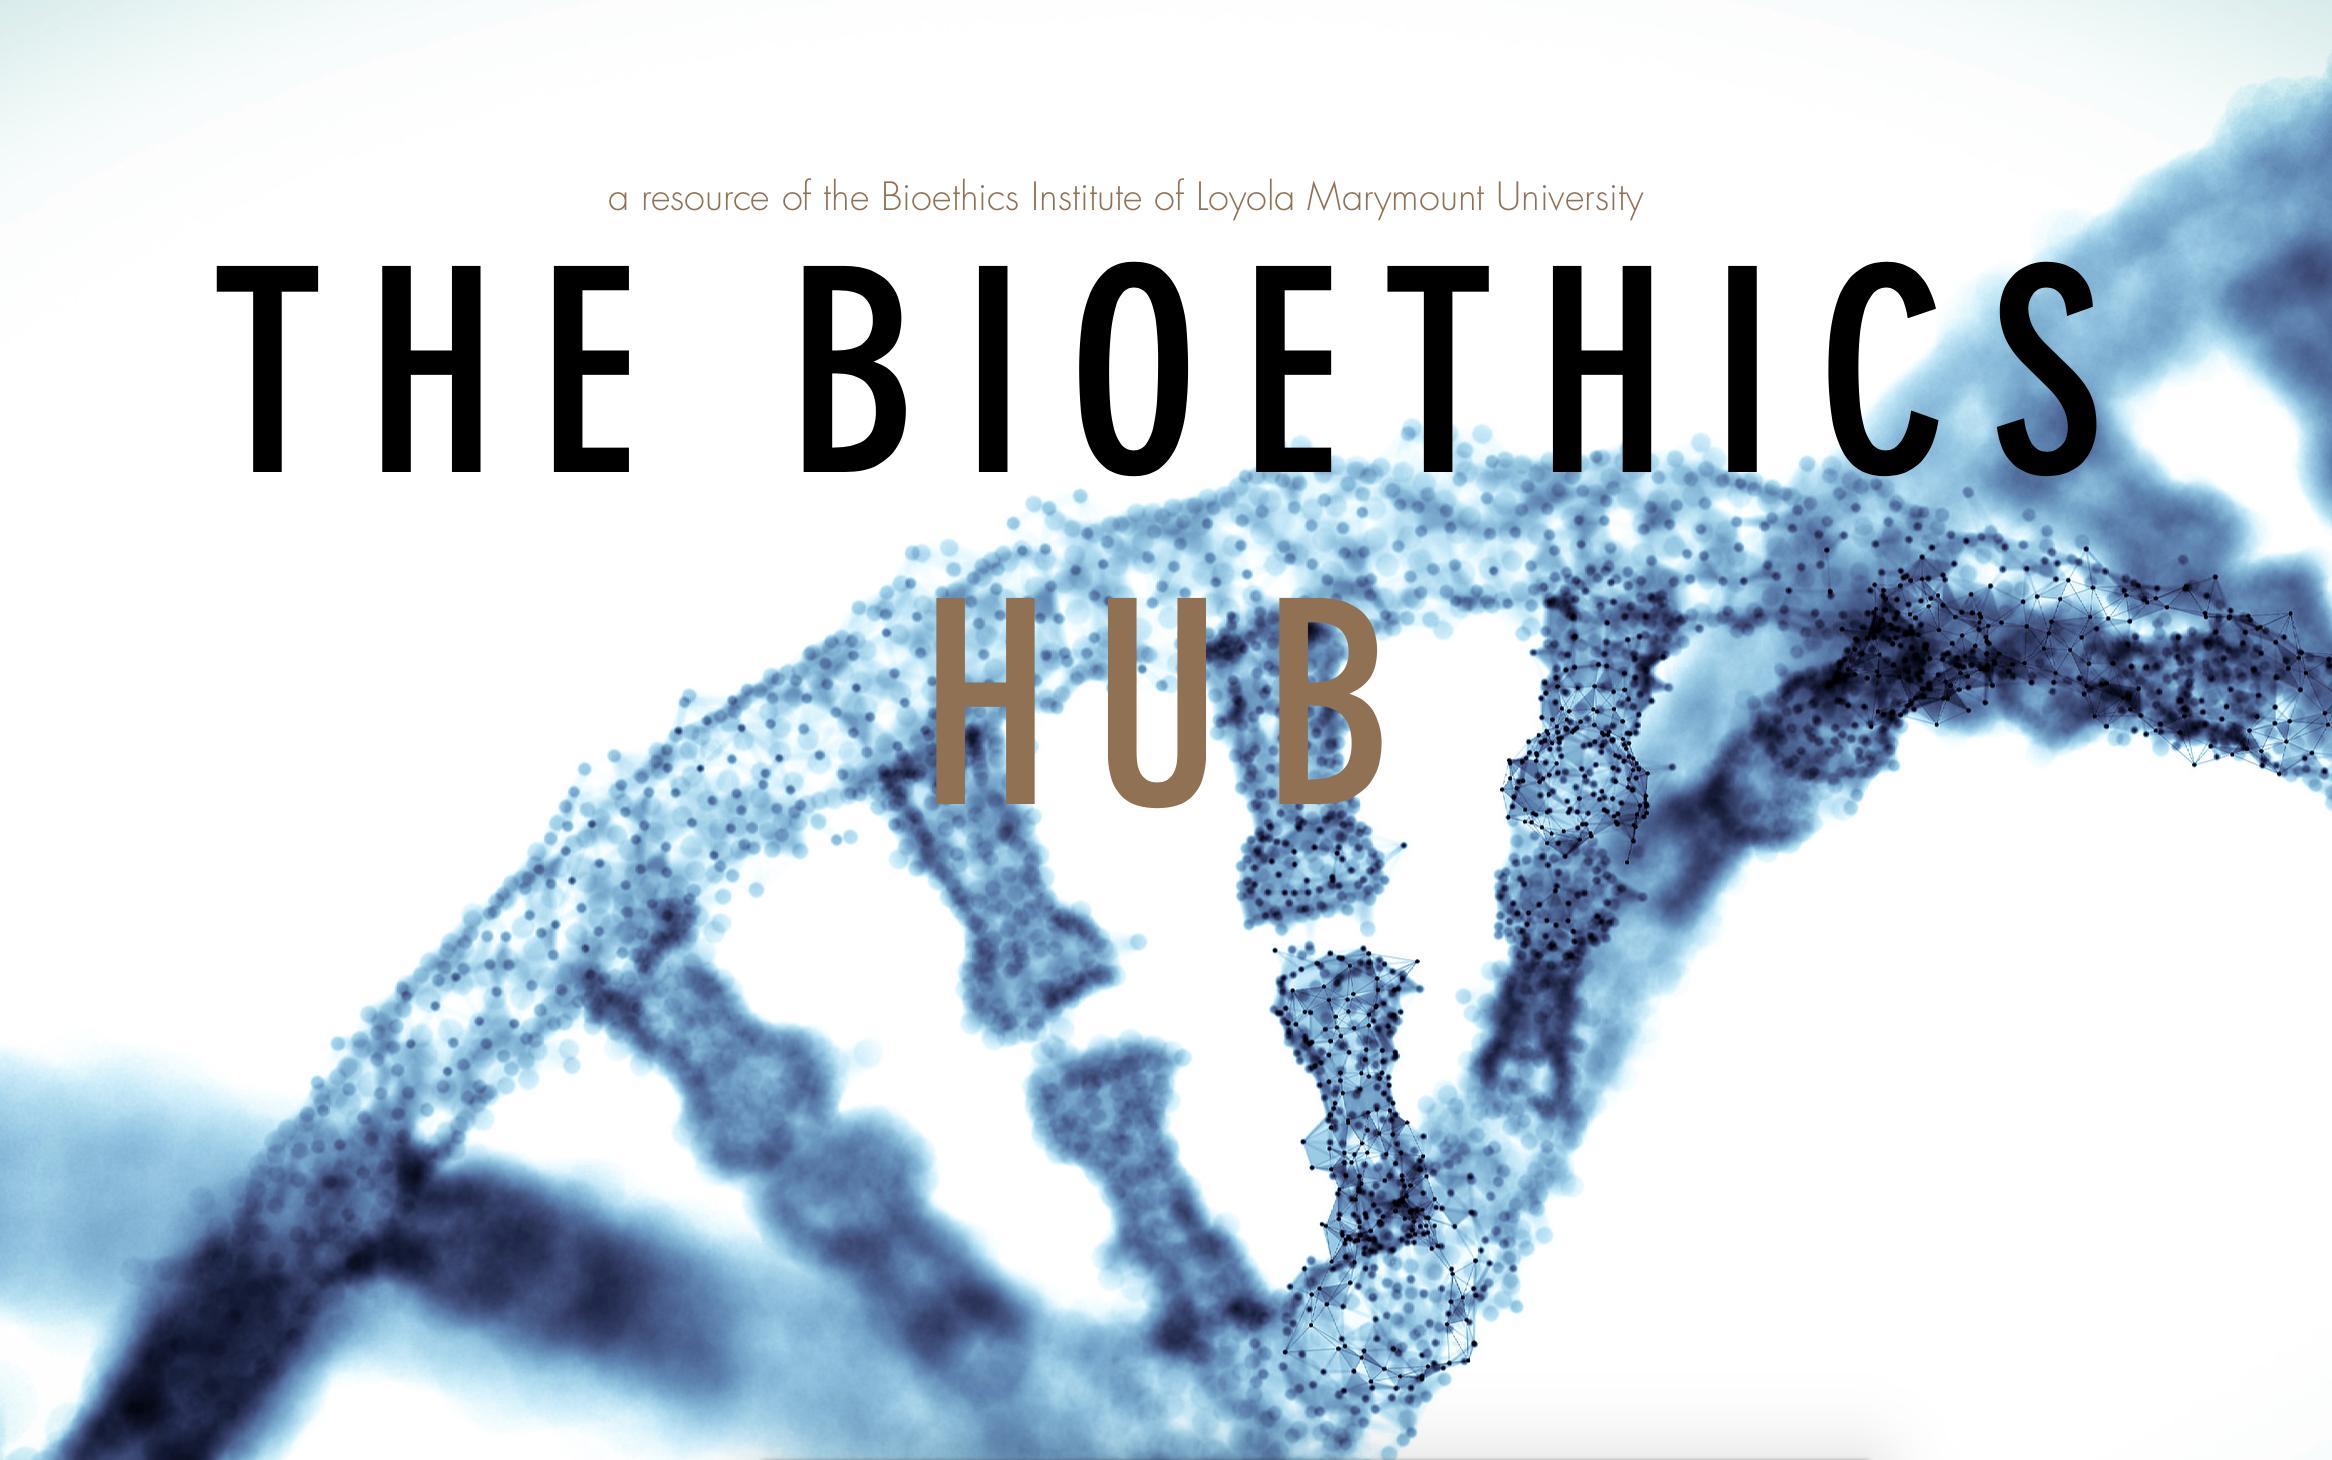 Bioethics   Los Angeles   Bioethics-hub   Stephenson- Choosy